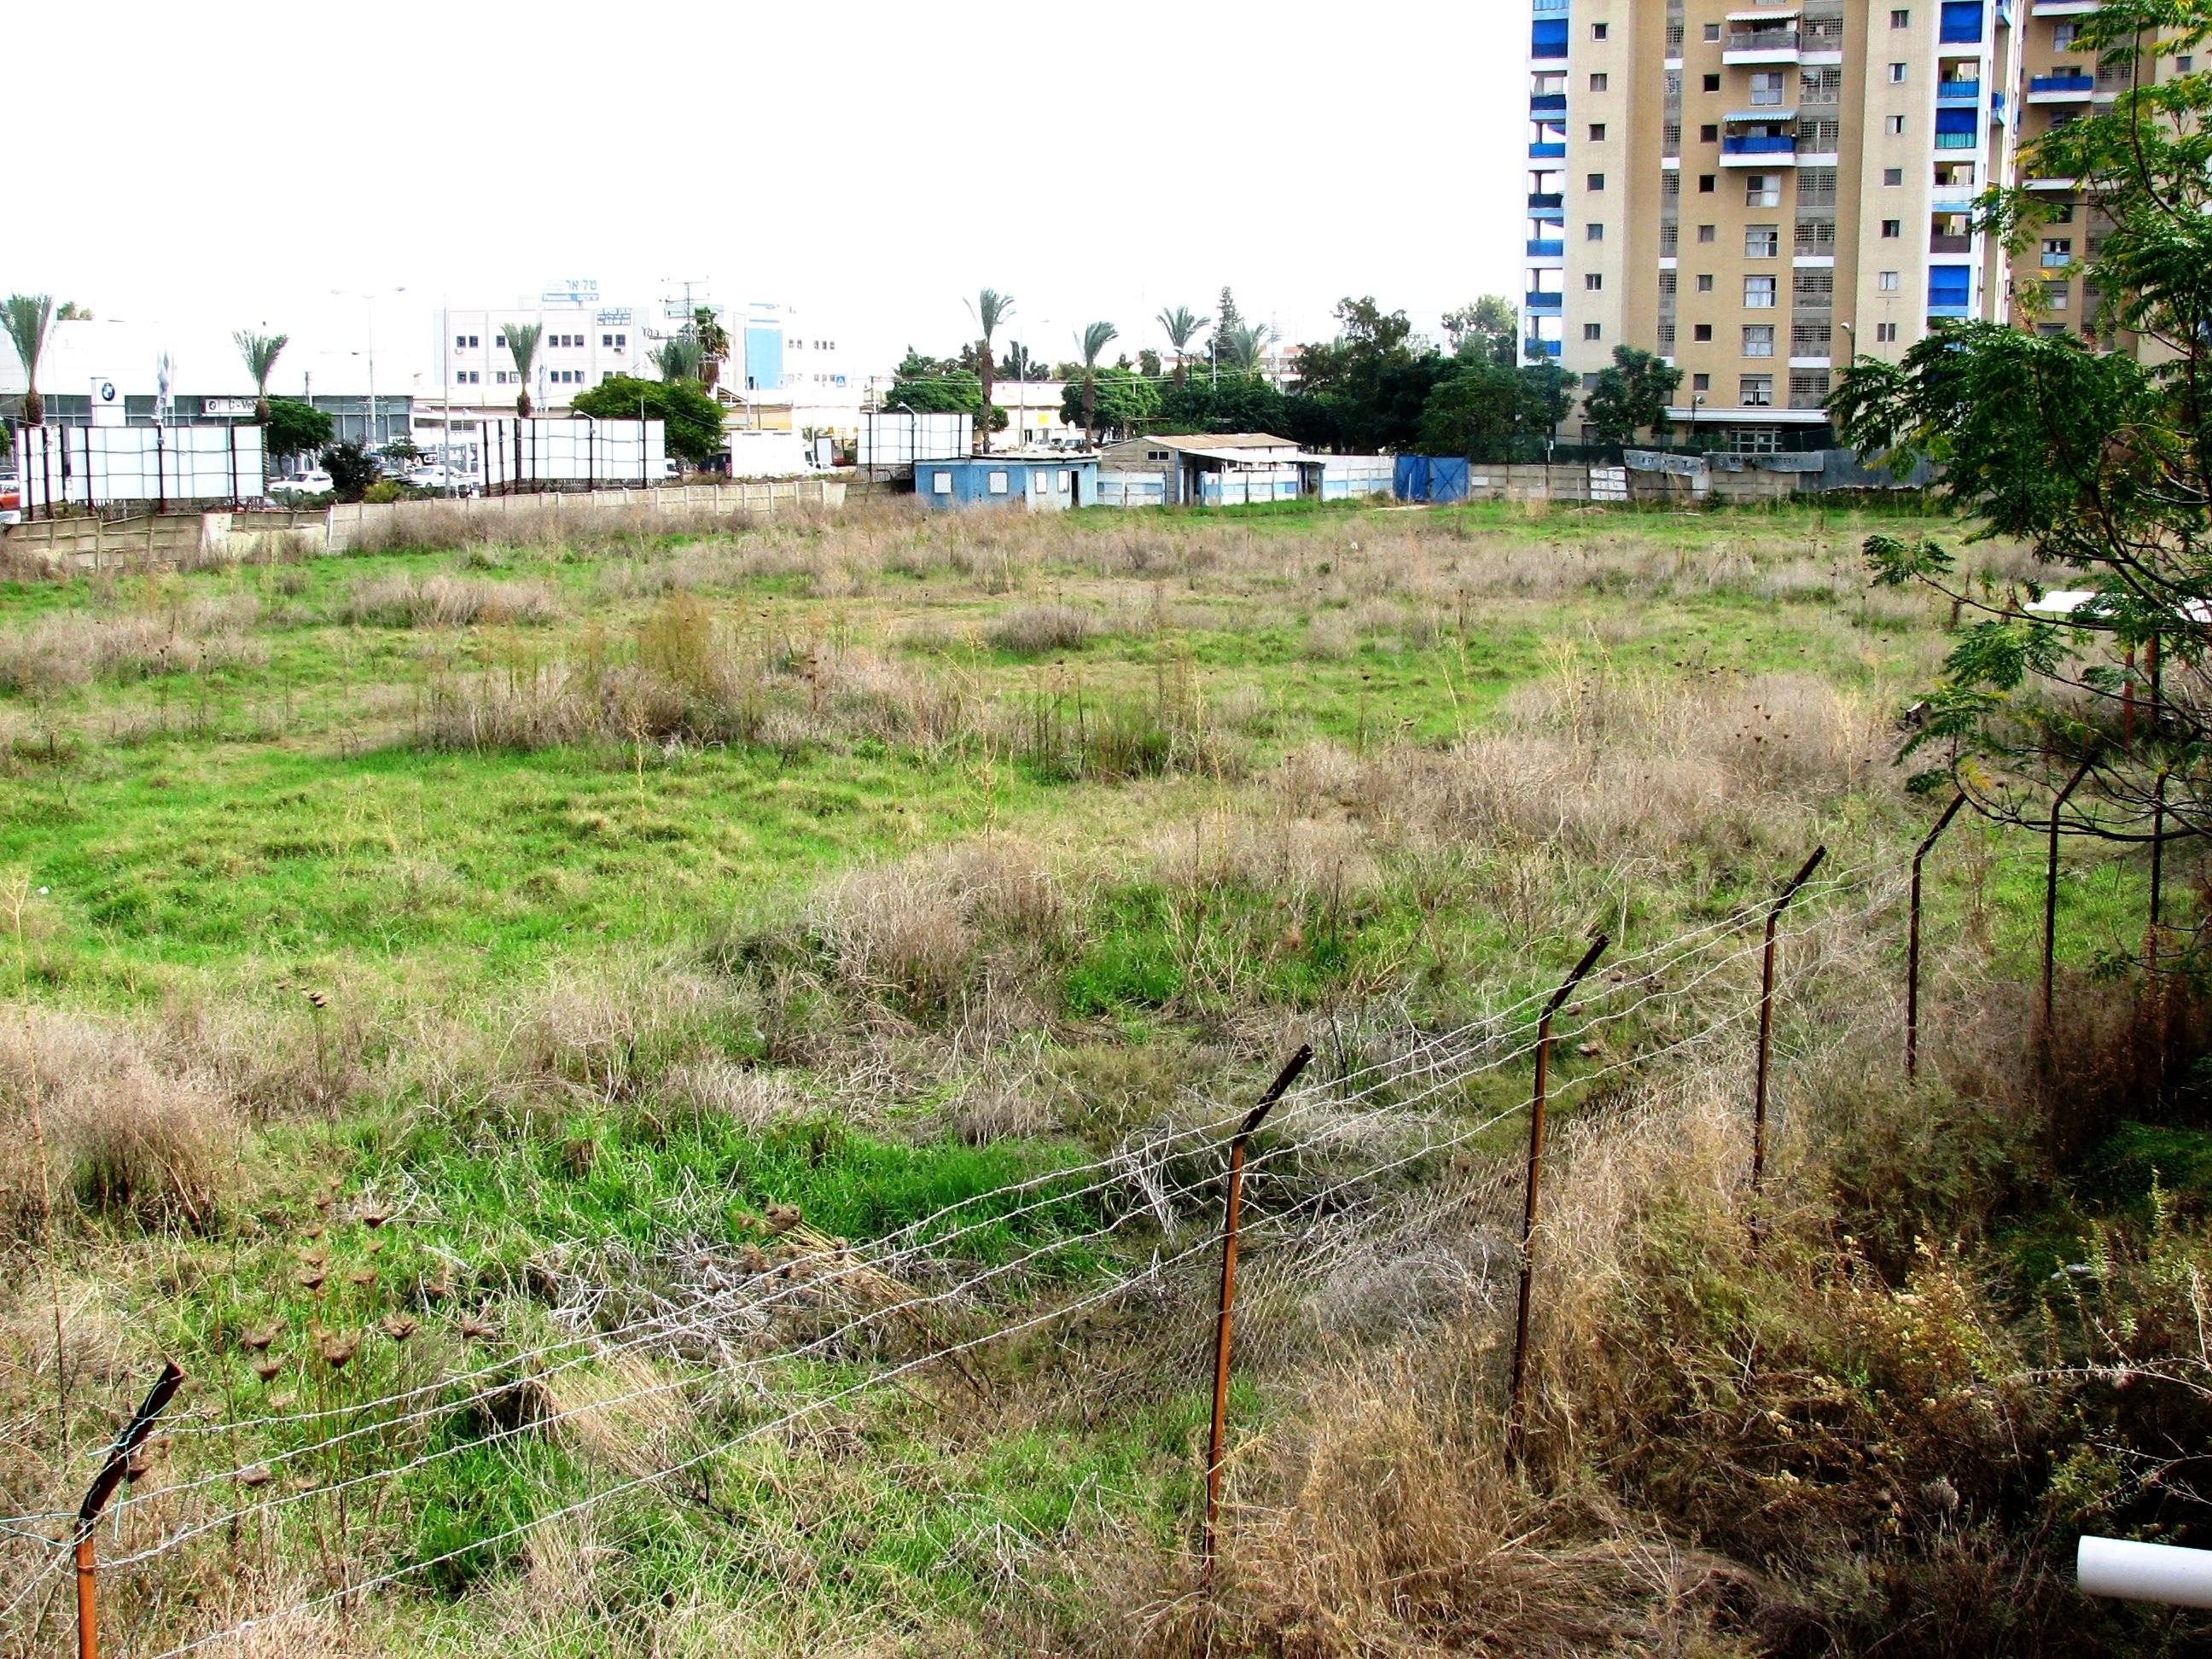 File:Tel Hanan – old football field.JPG - Wikimedia Commons